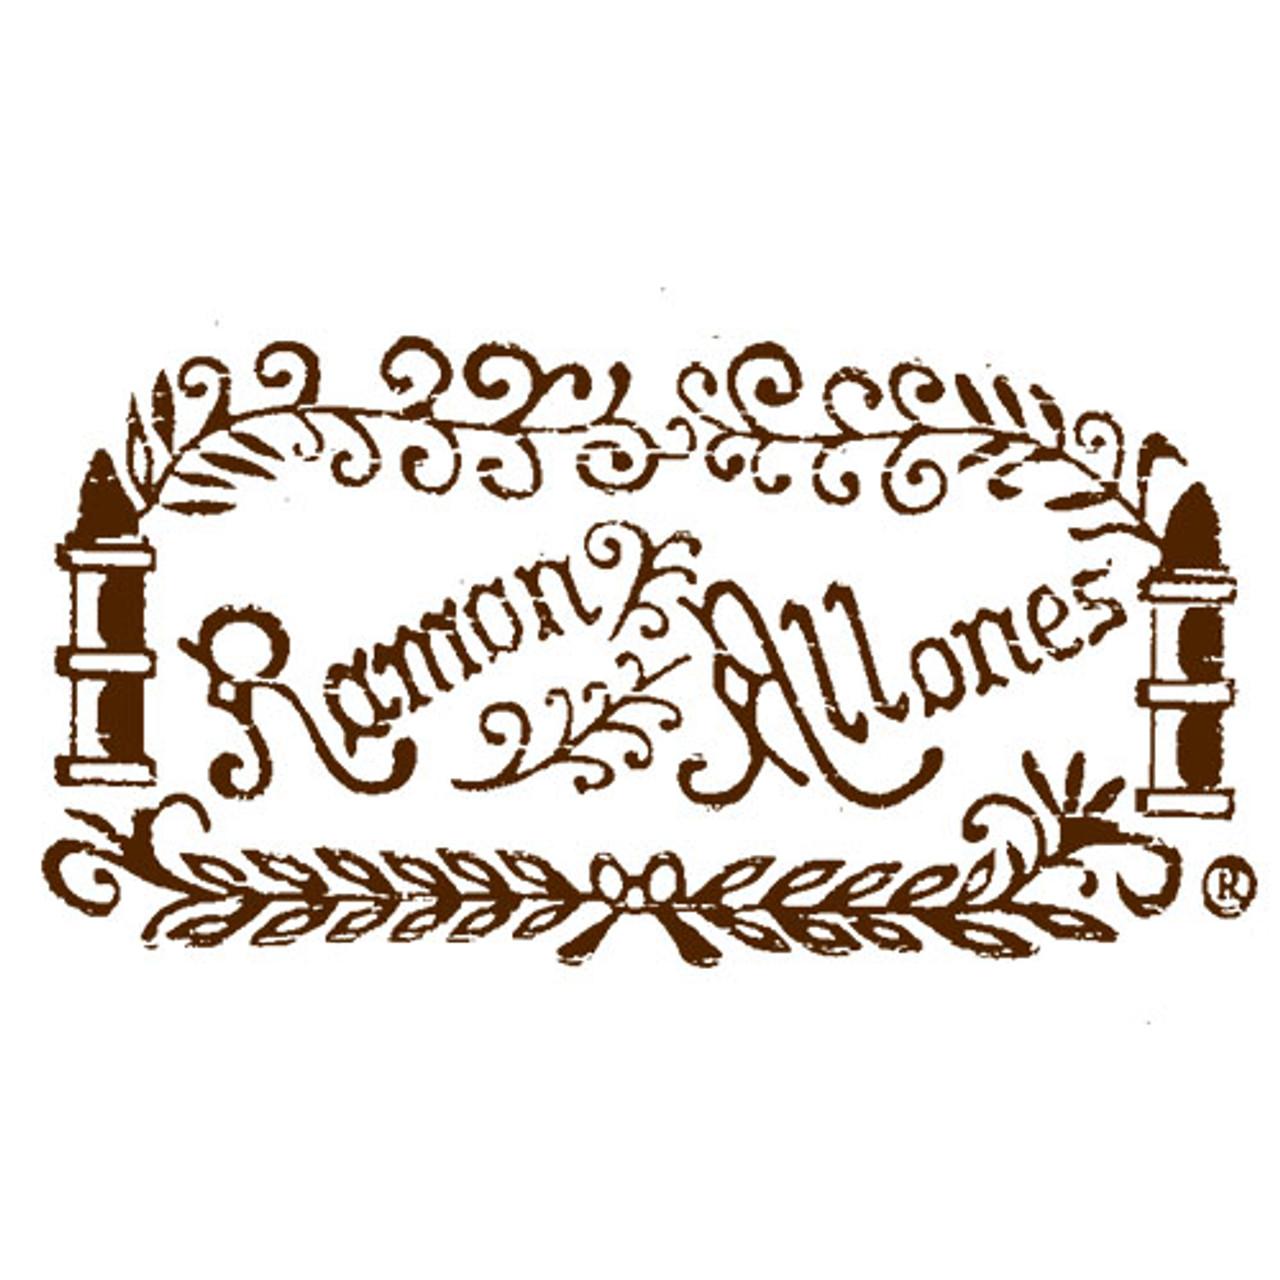 Ramon Allones Private Label 6560 Cigars - 6.5 x 60 (Box of 20)